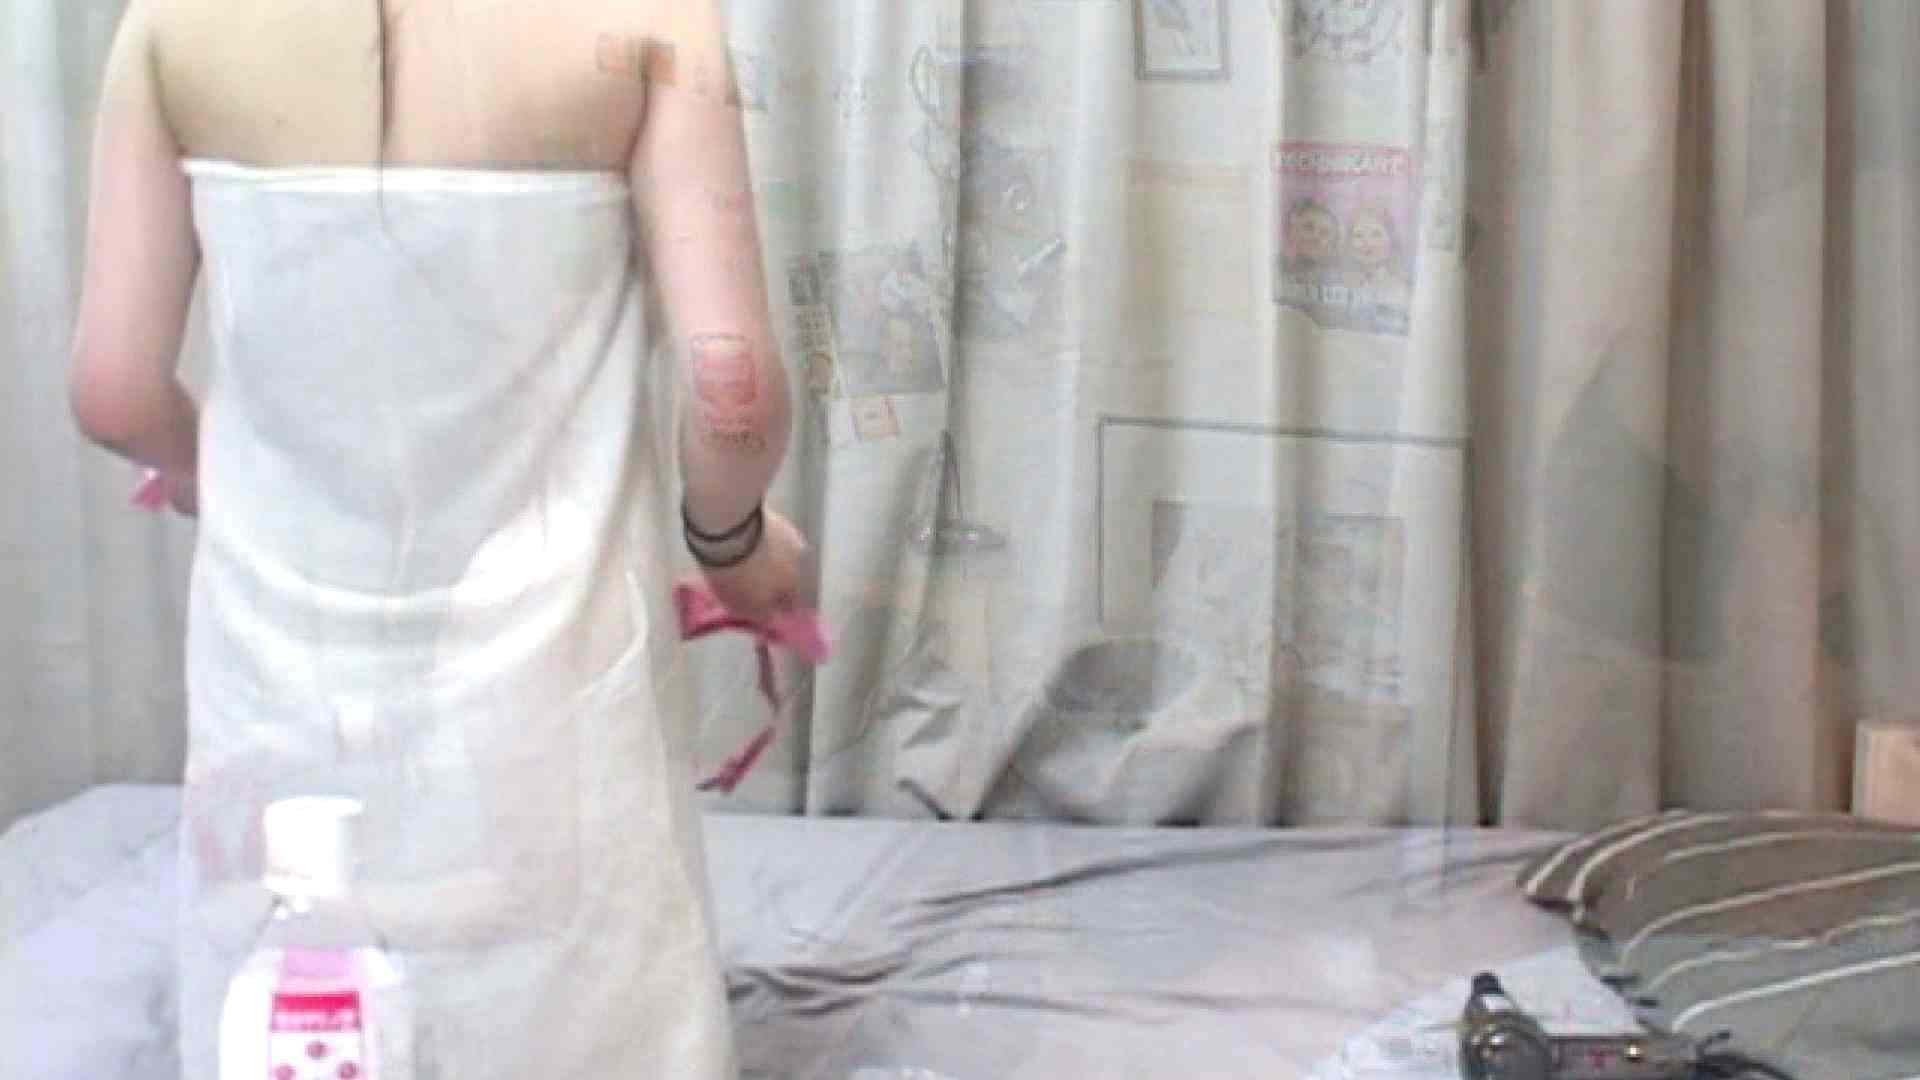 素人女良を部屋に連れ込み隠し撮りSEX!!その⑲ Dカップ潮吹き短大生 もとこ  桃色乳首 SEX無修正画像 110枚 20